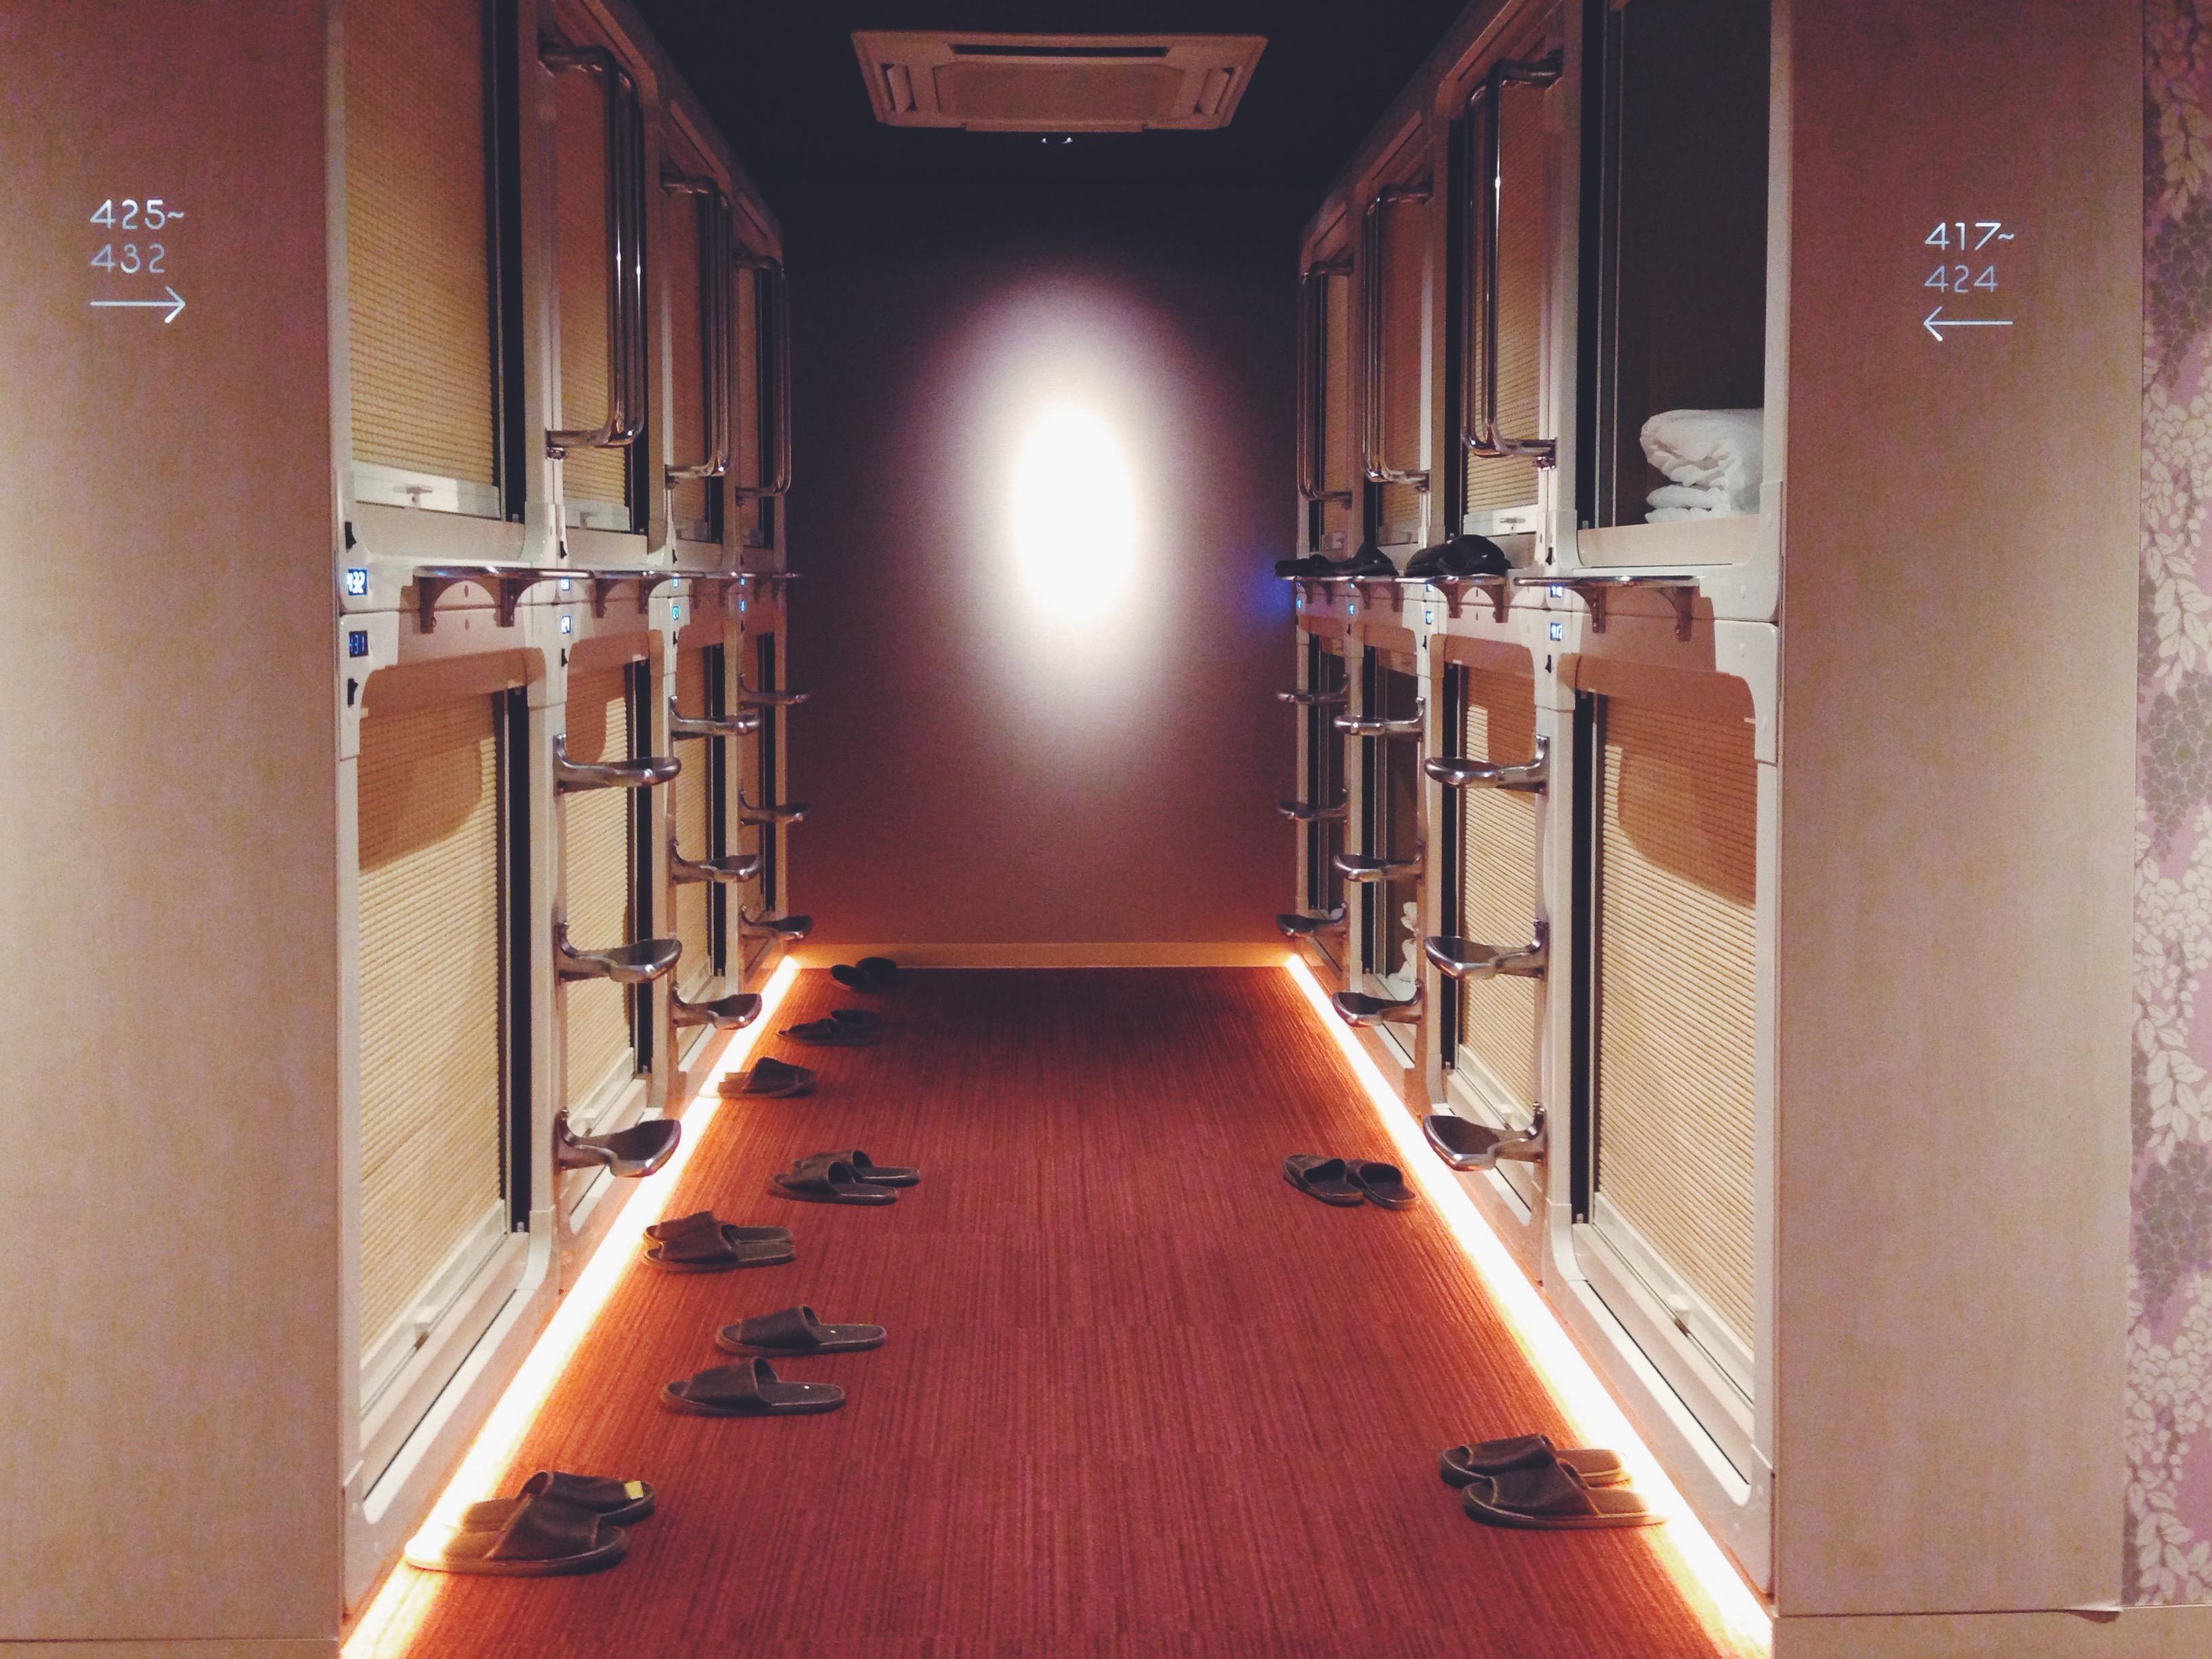 Dormire a Tokyo in Giappone nei caspule hotel